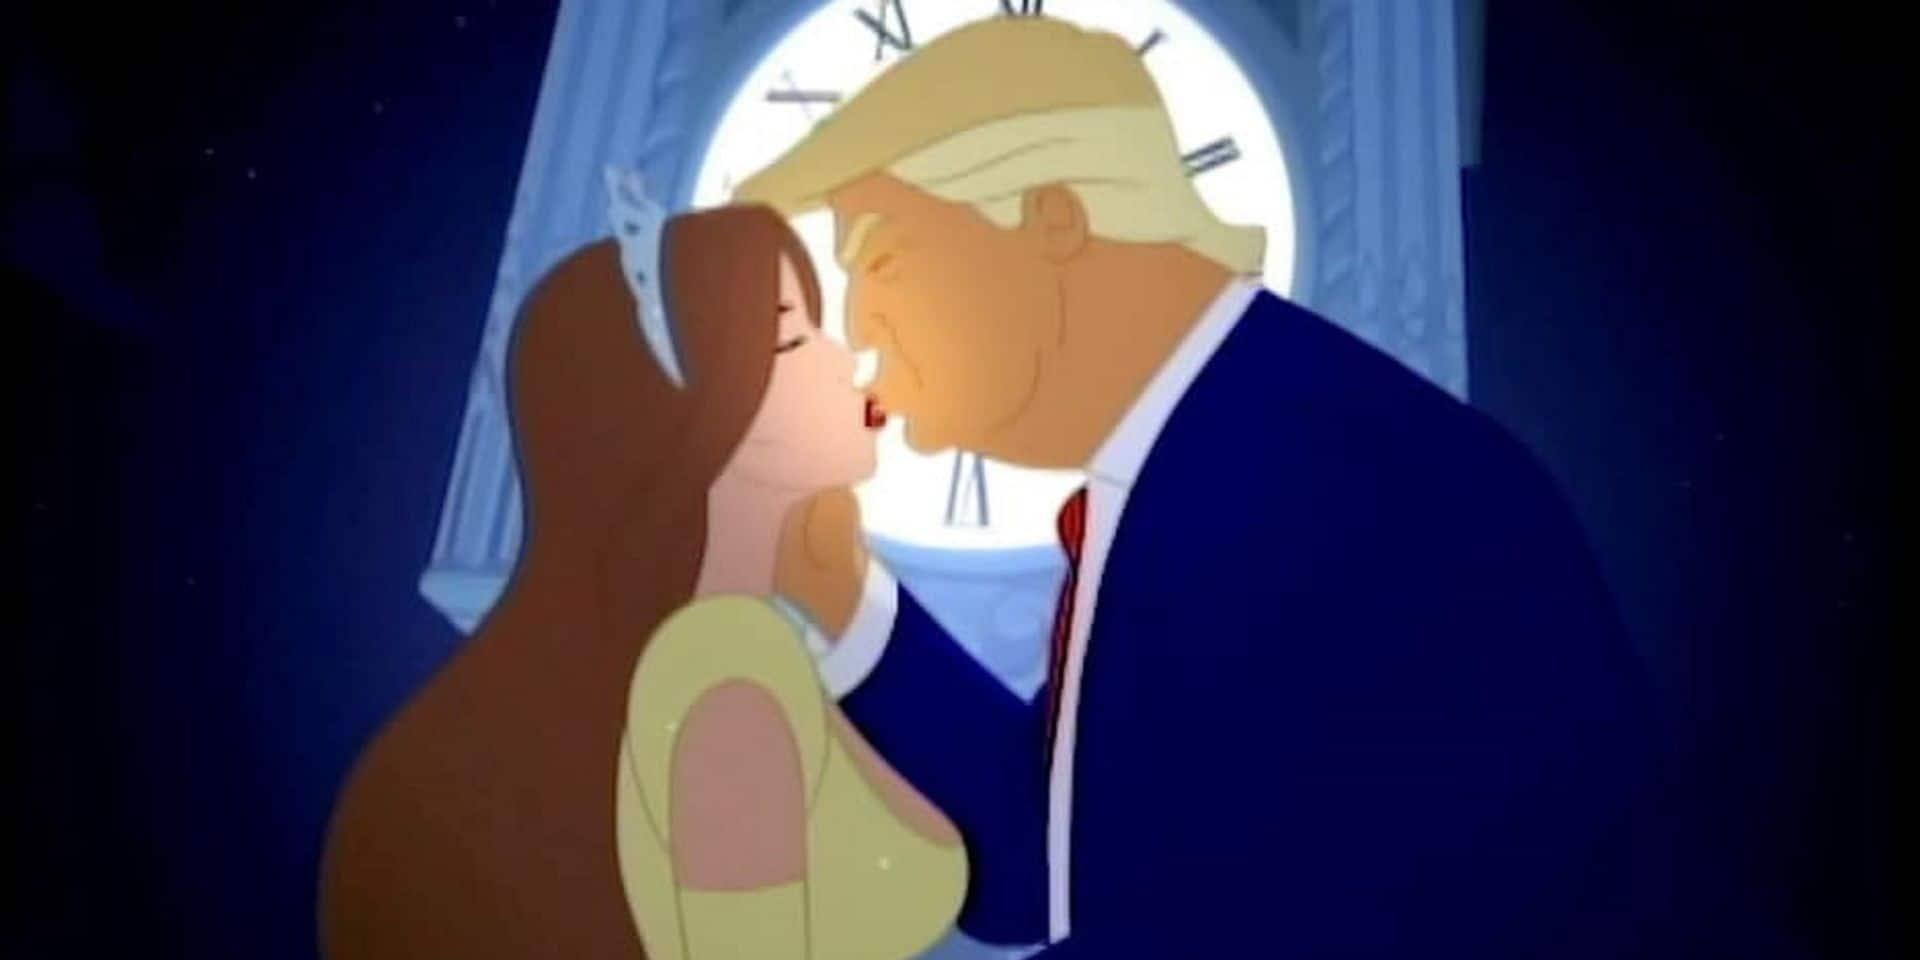 Donald Trump et Melania dans une parodie très crue de Cendrillon